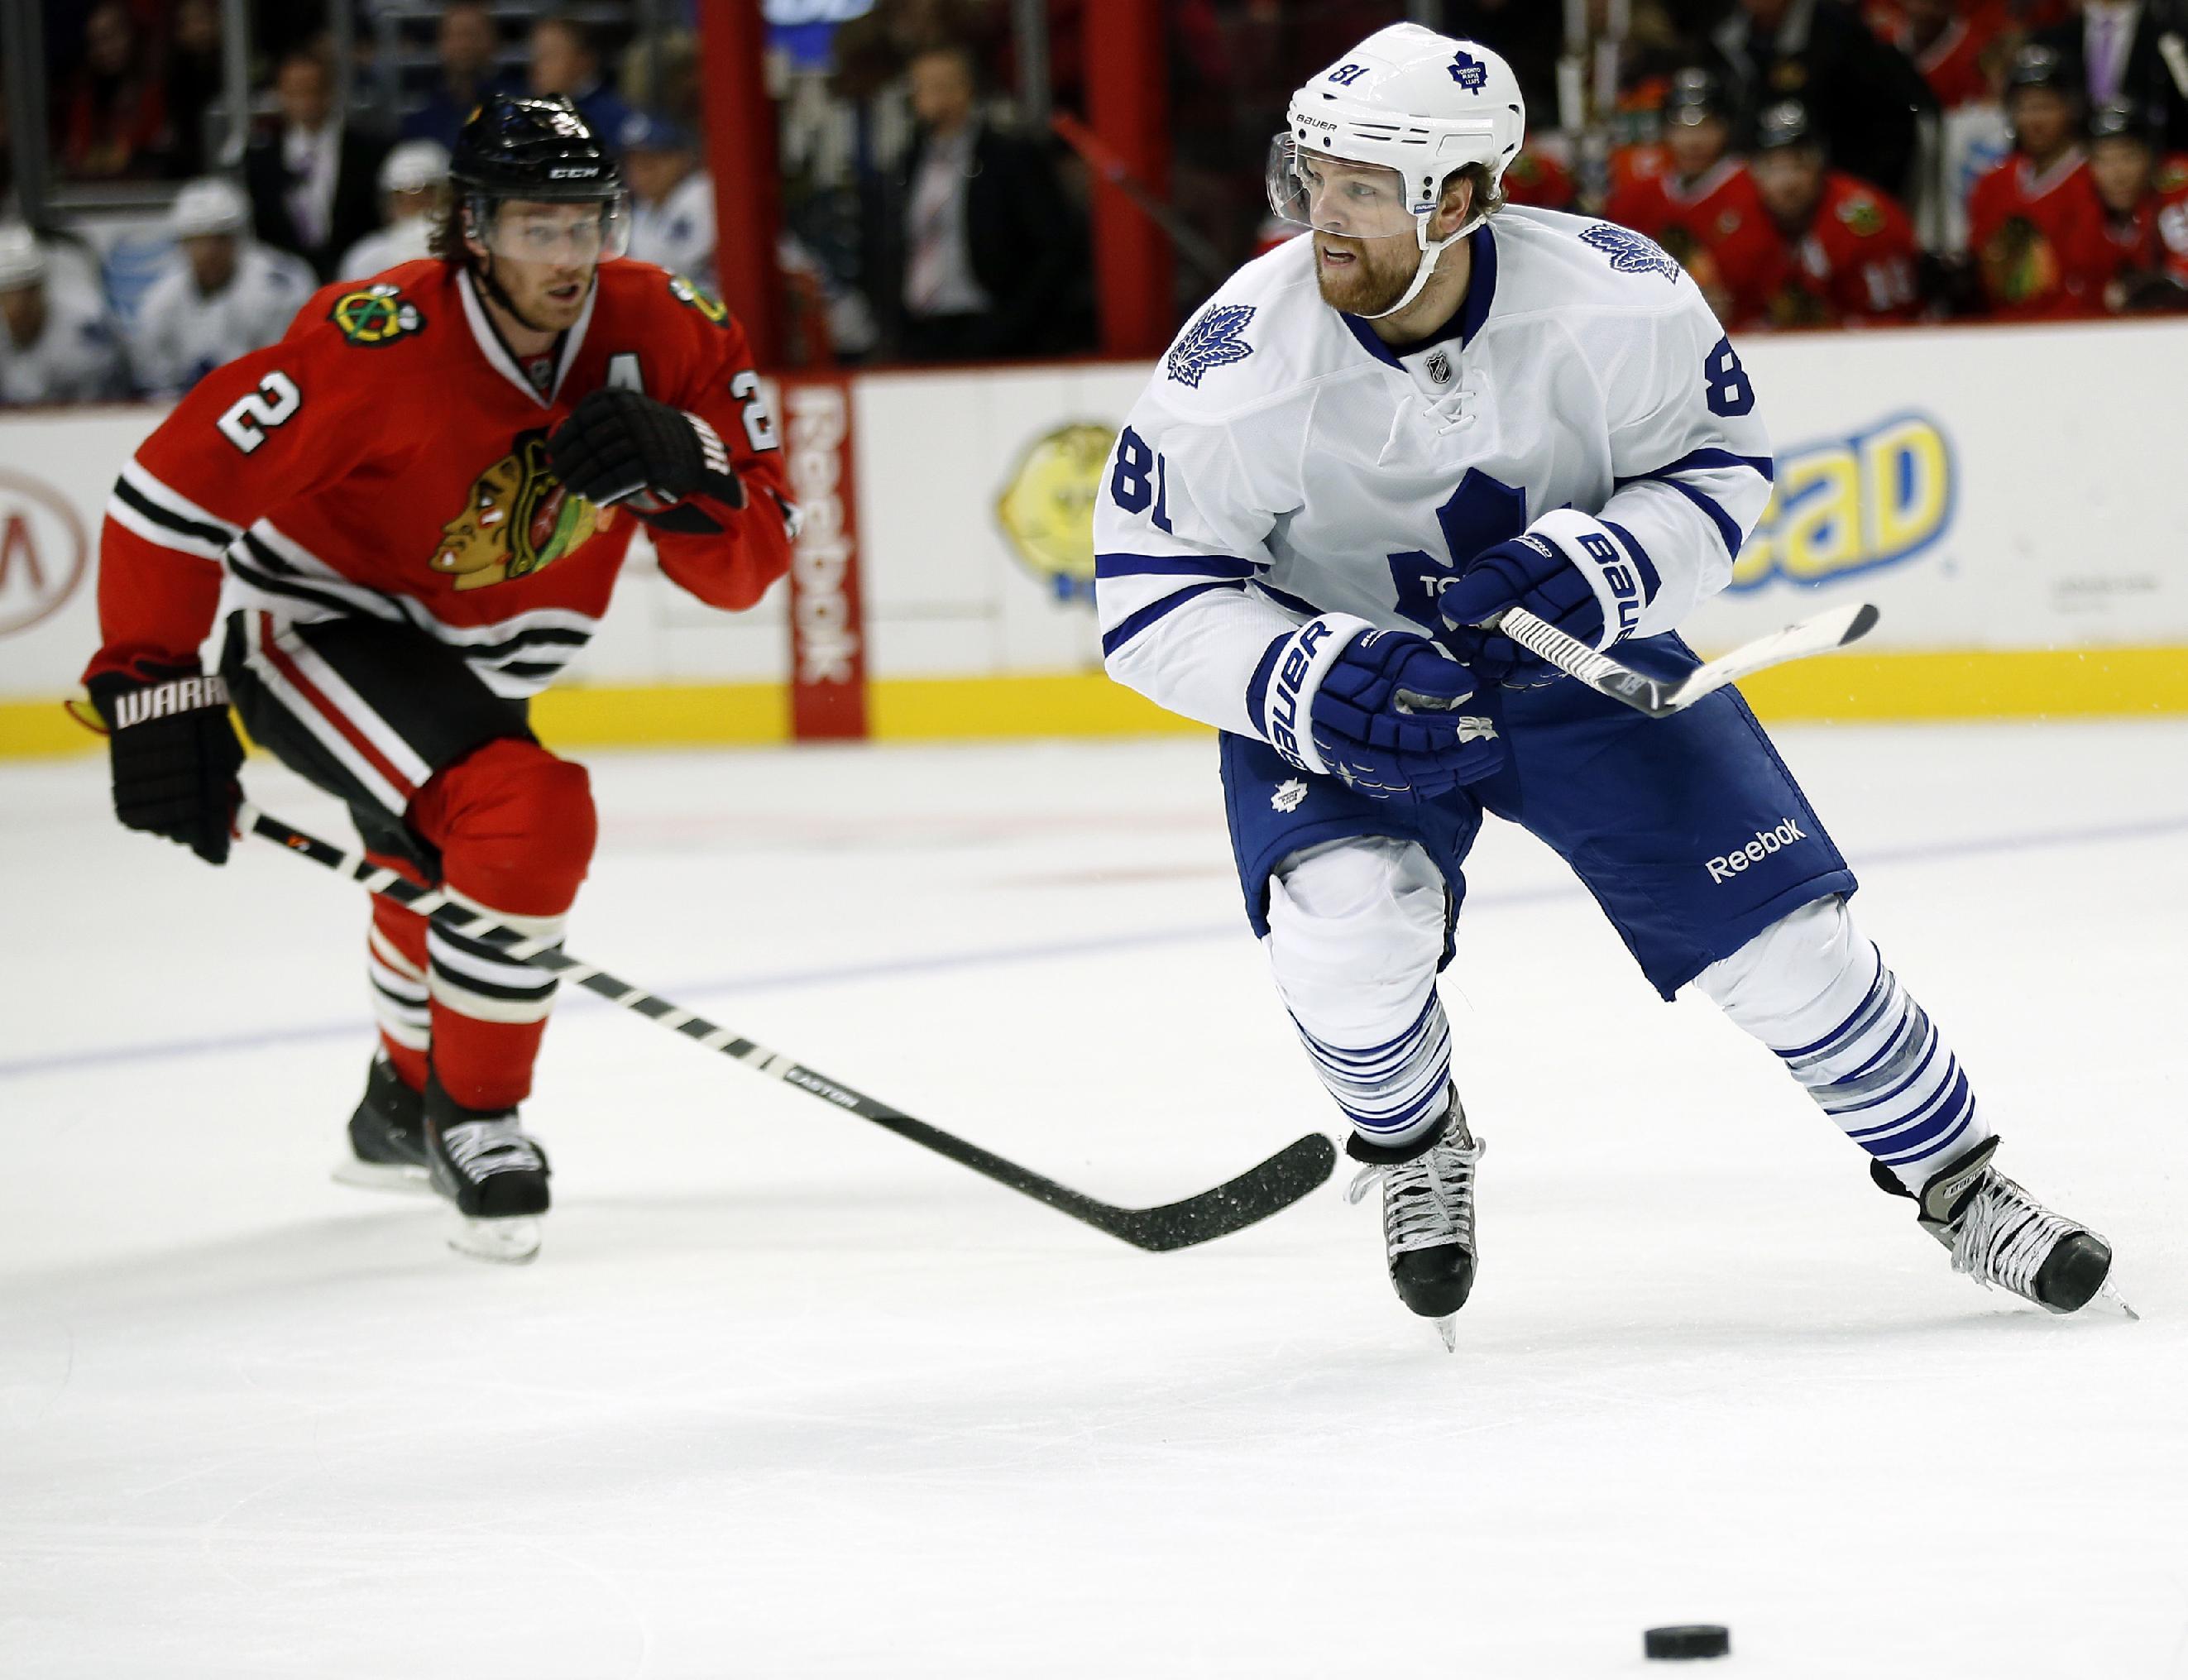 Bickell keys Blackhawks' 3-1 win over Maple Leafs